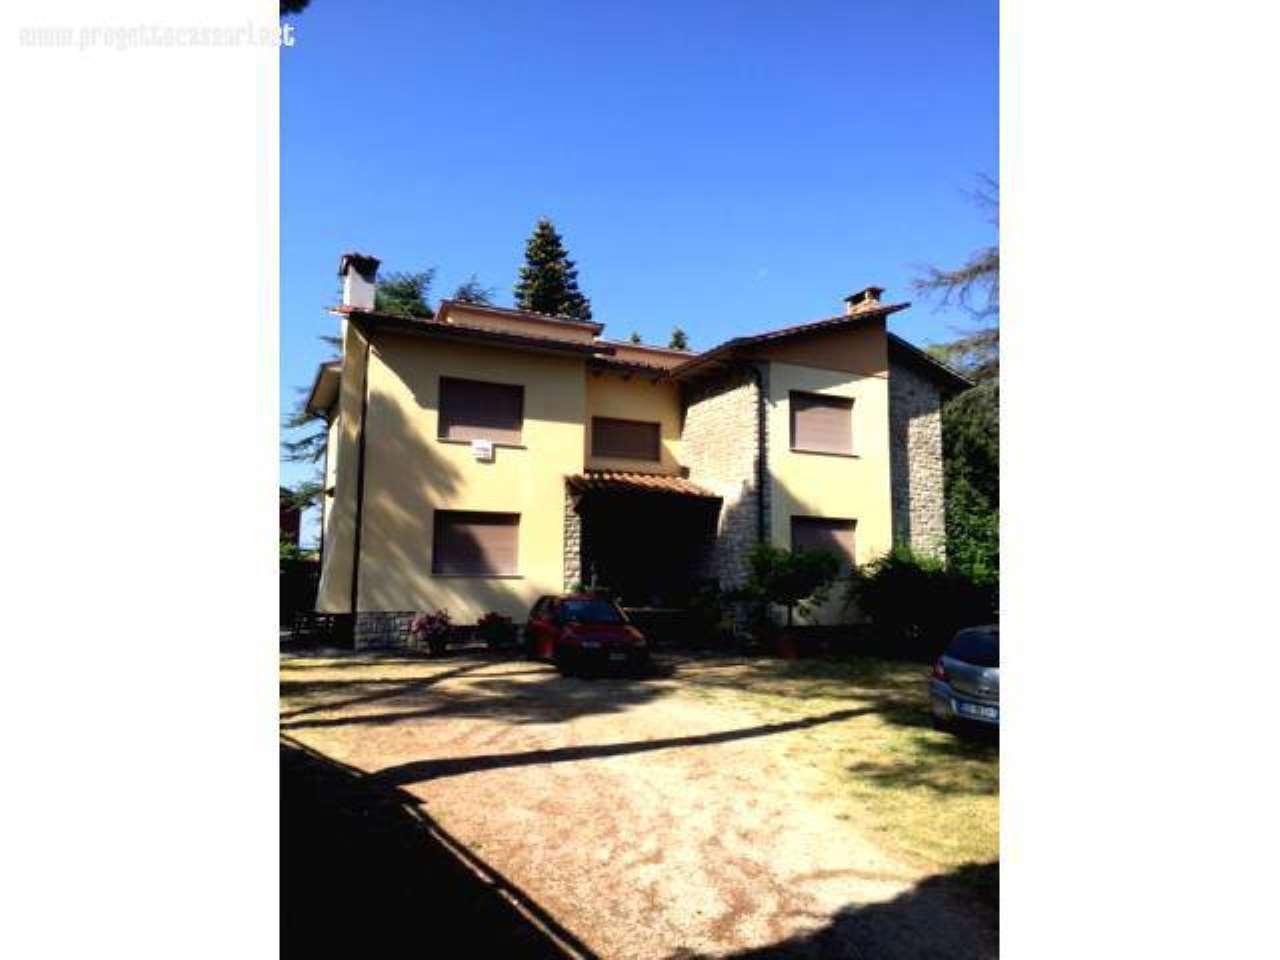 Villa in vendita a Citerna, 6 locali, prezzo € 700.000 | CambioCasa.it